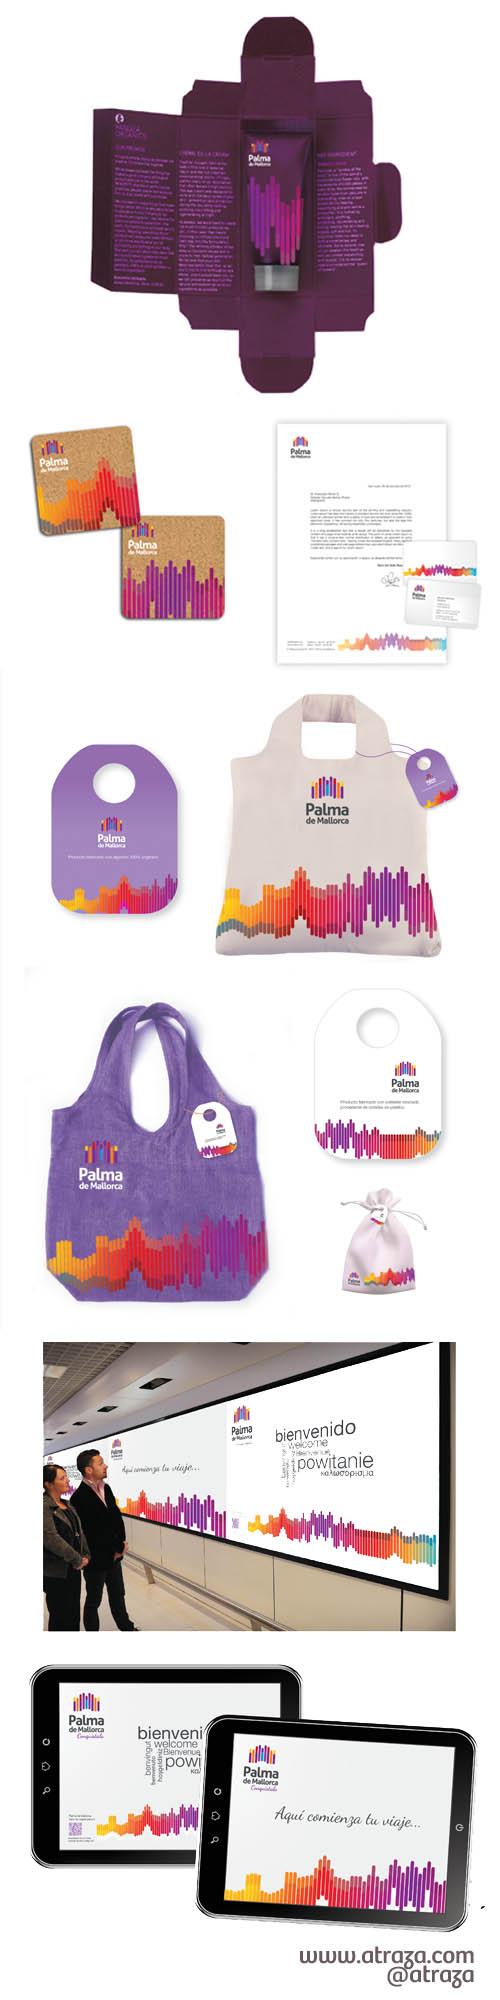 Materiales de promoción Palma de Mallorca (www.atraza.com)